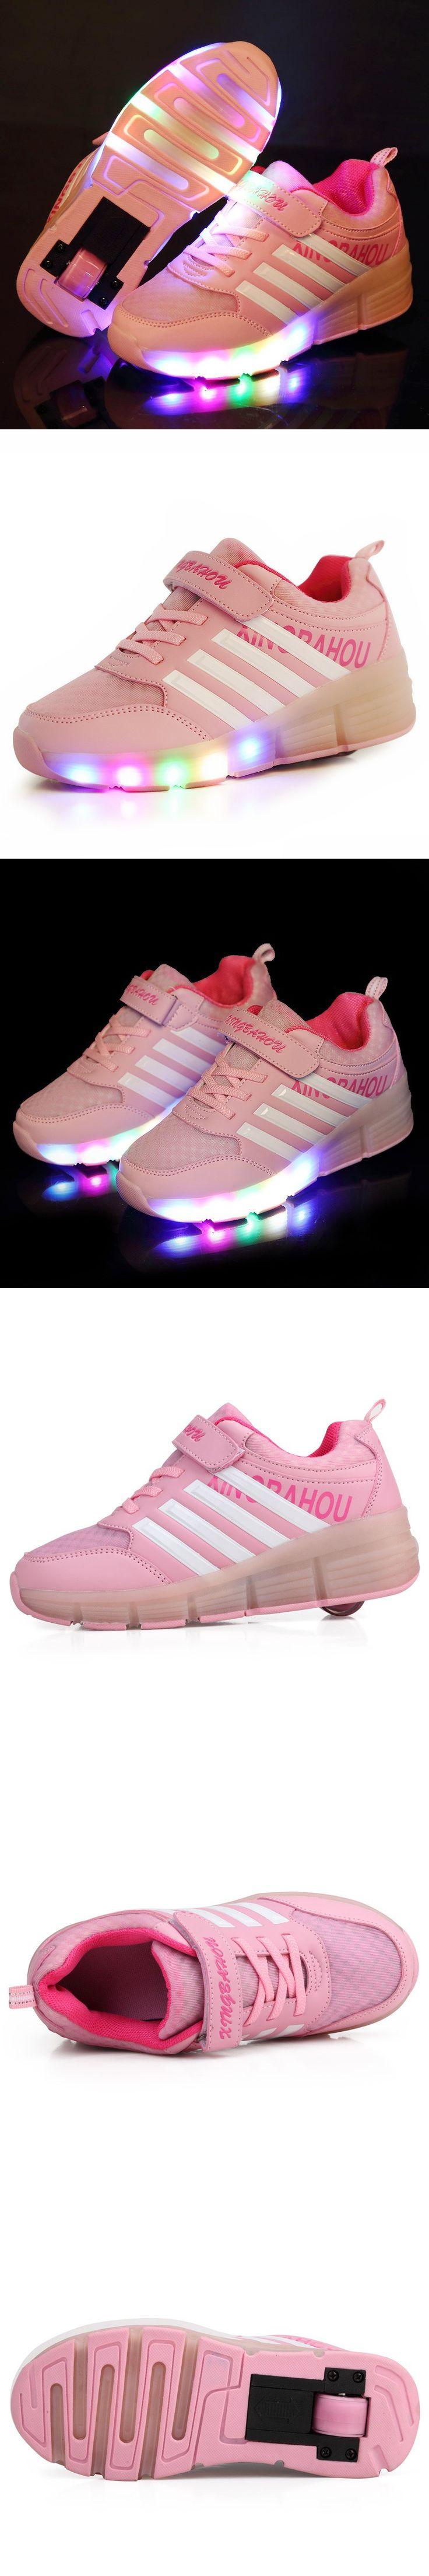 Roller shoes london - 2016 Popular Led Lights Heelys Children Shoes With Led Light Up Wheels Kids Roller Skates Shoes